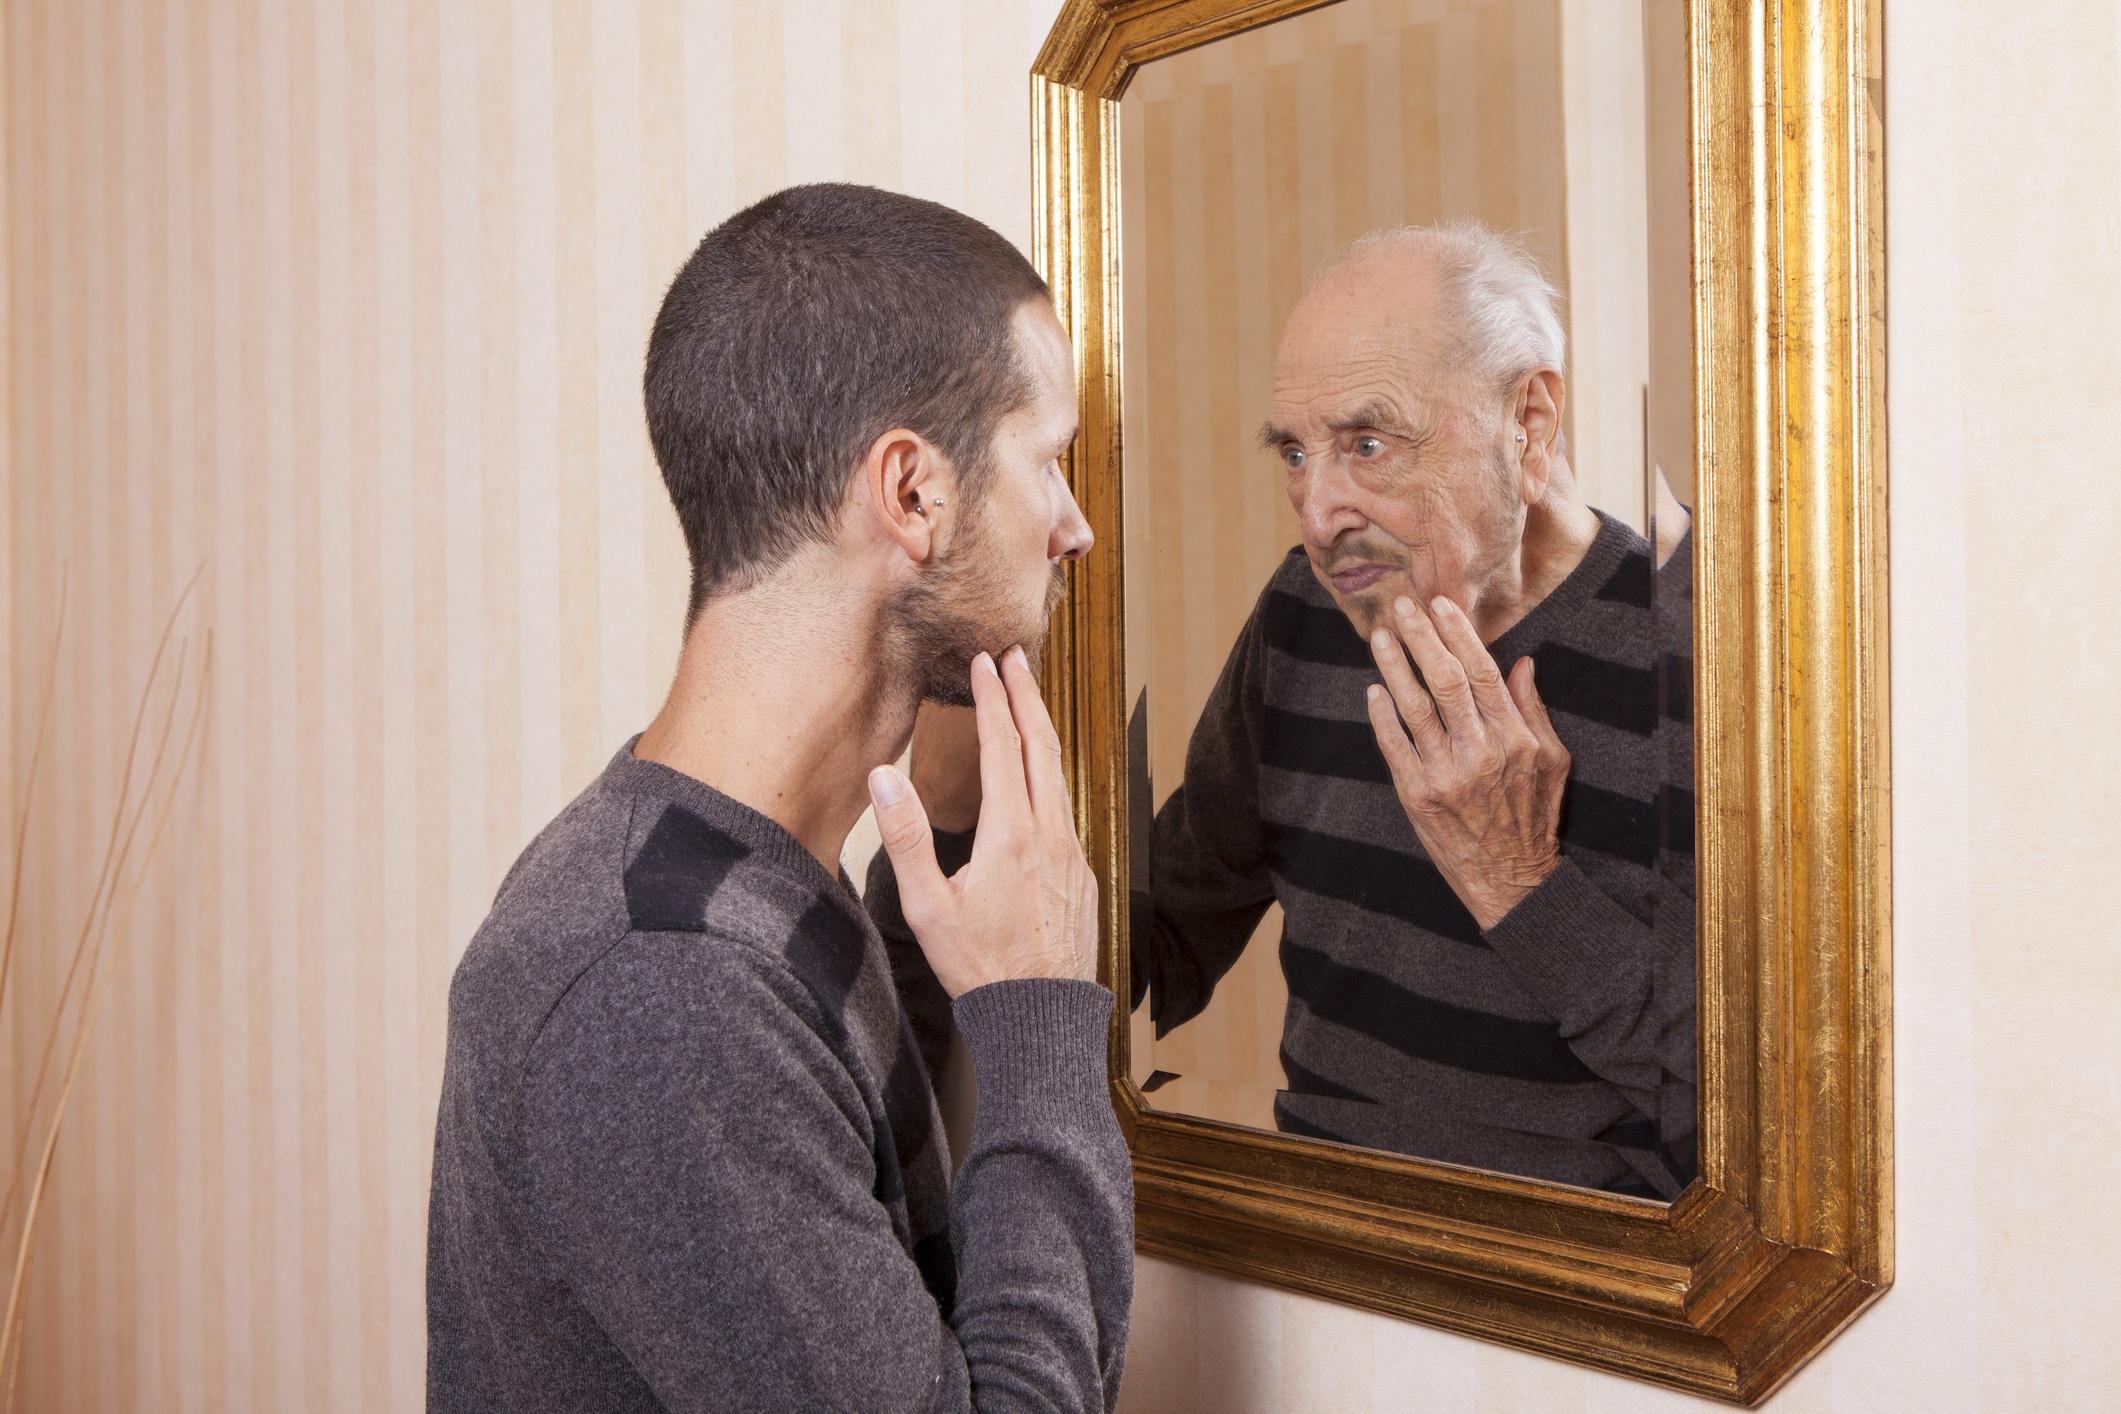 دراسة مثيرة للجدل: إزالة الخصيتين يطيل عمر الرجال!